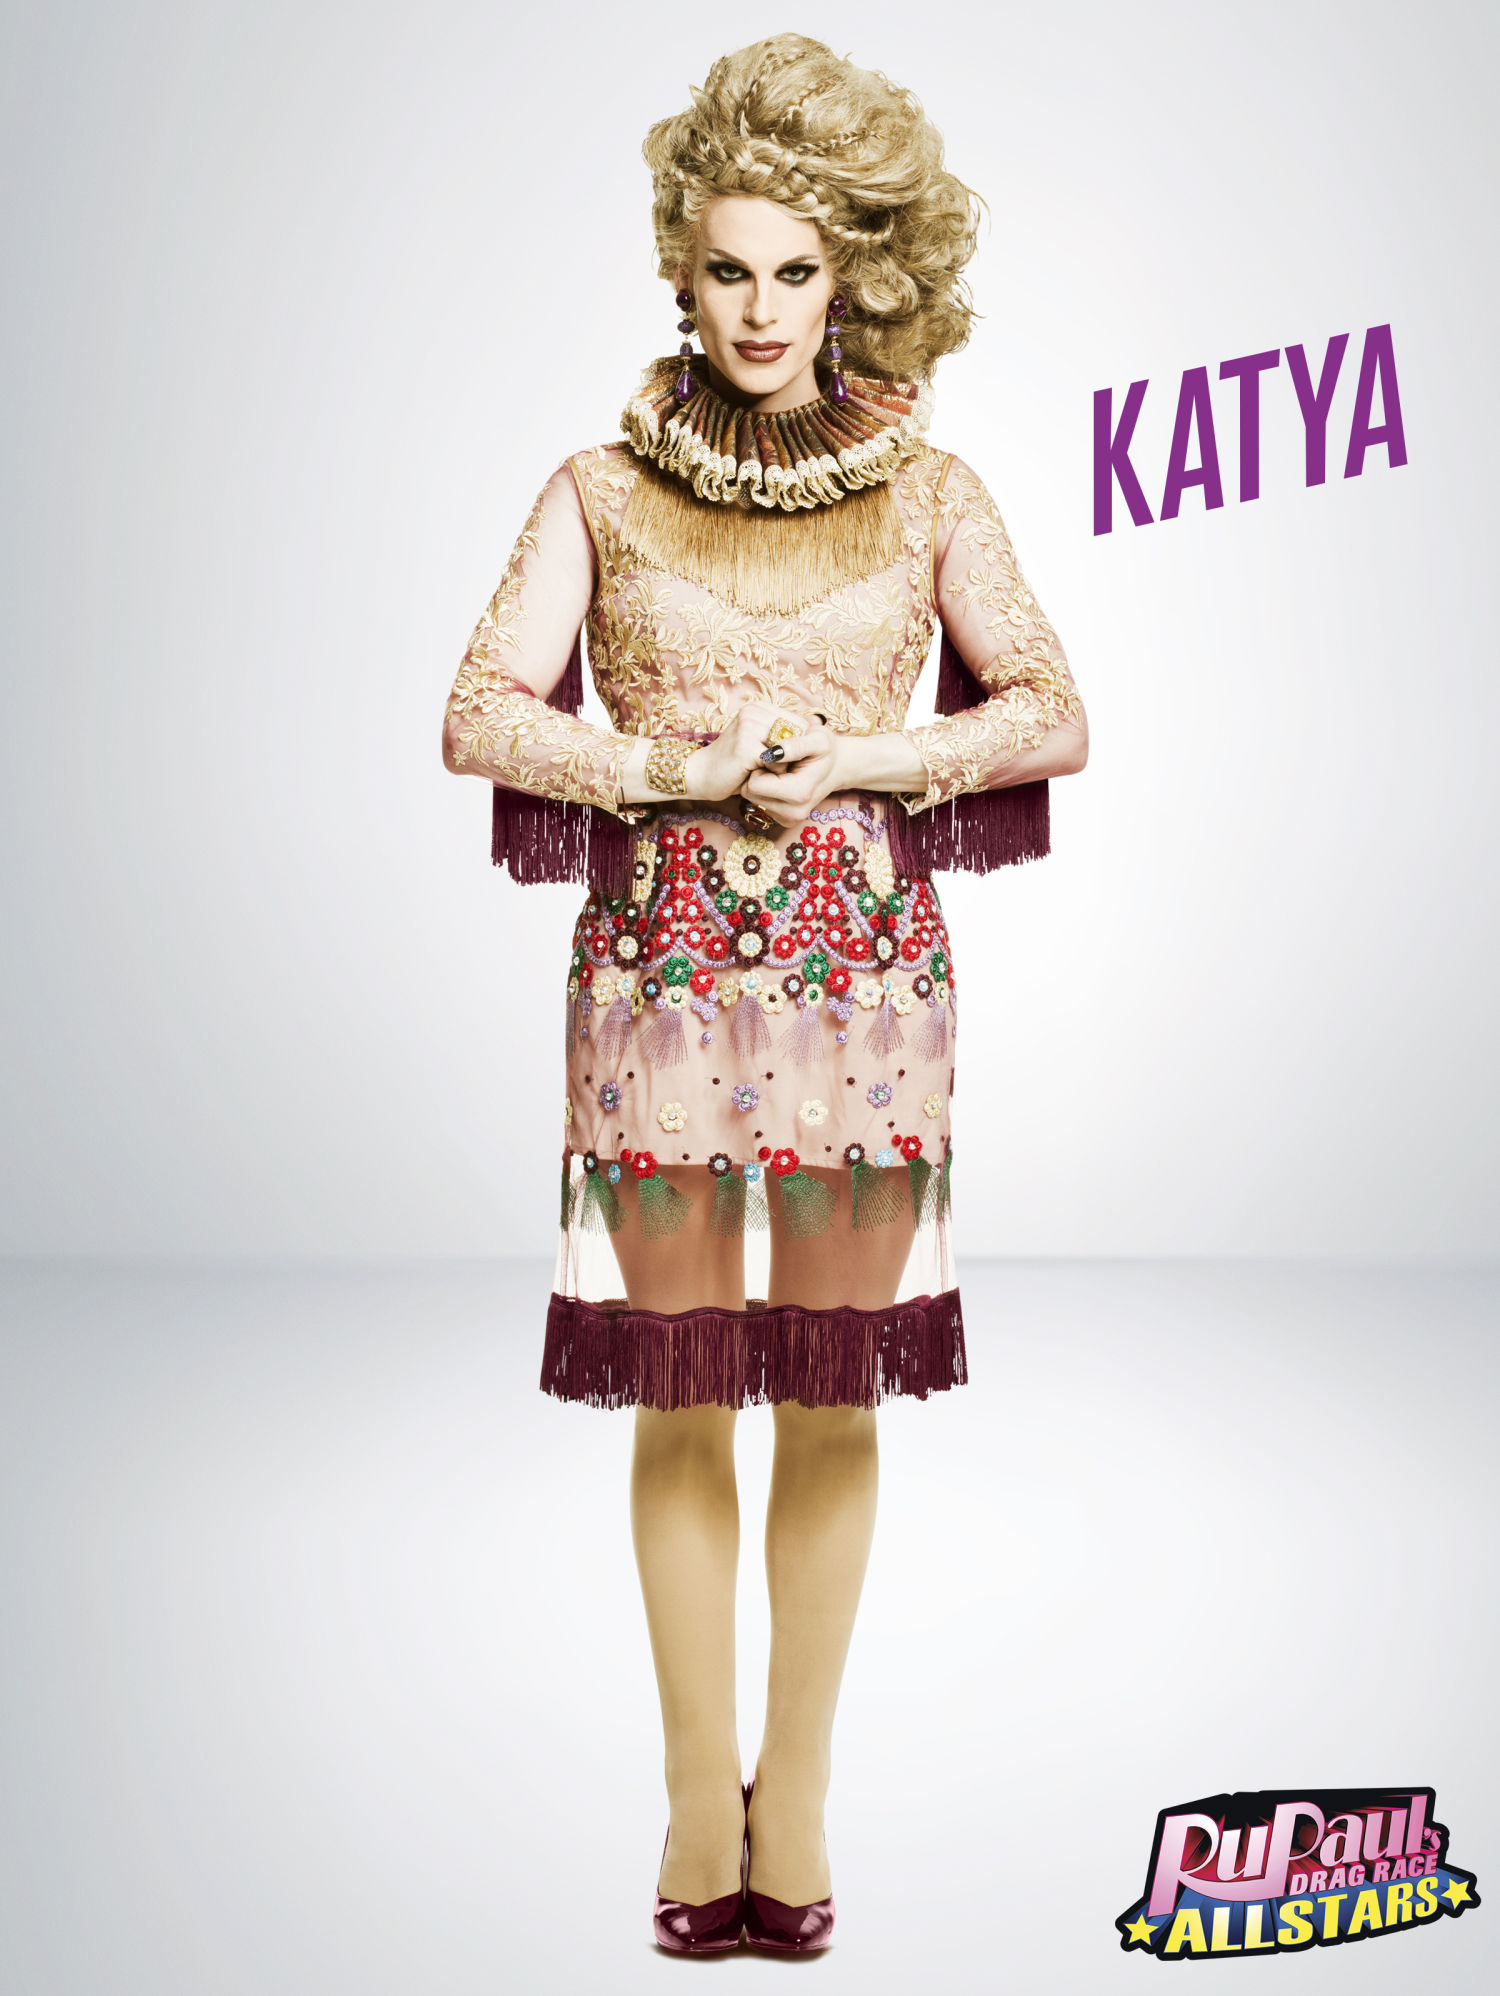 KatyaAS2.jpg